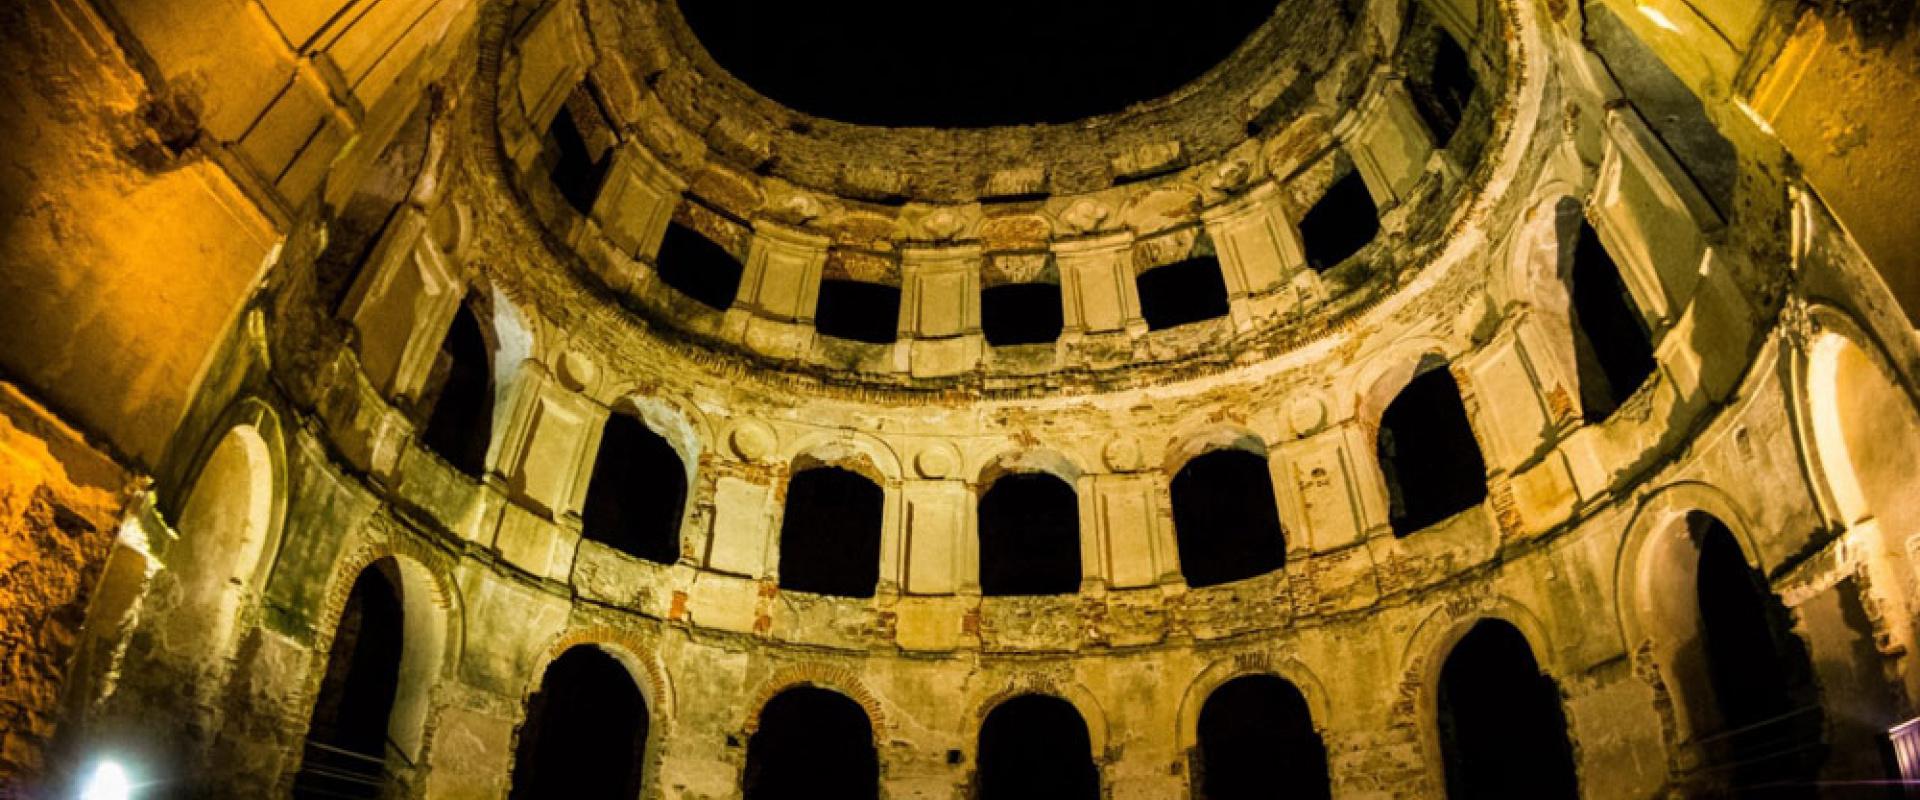 Nocne zwiedzanie Zamku Krzyżtopór